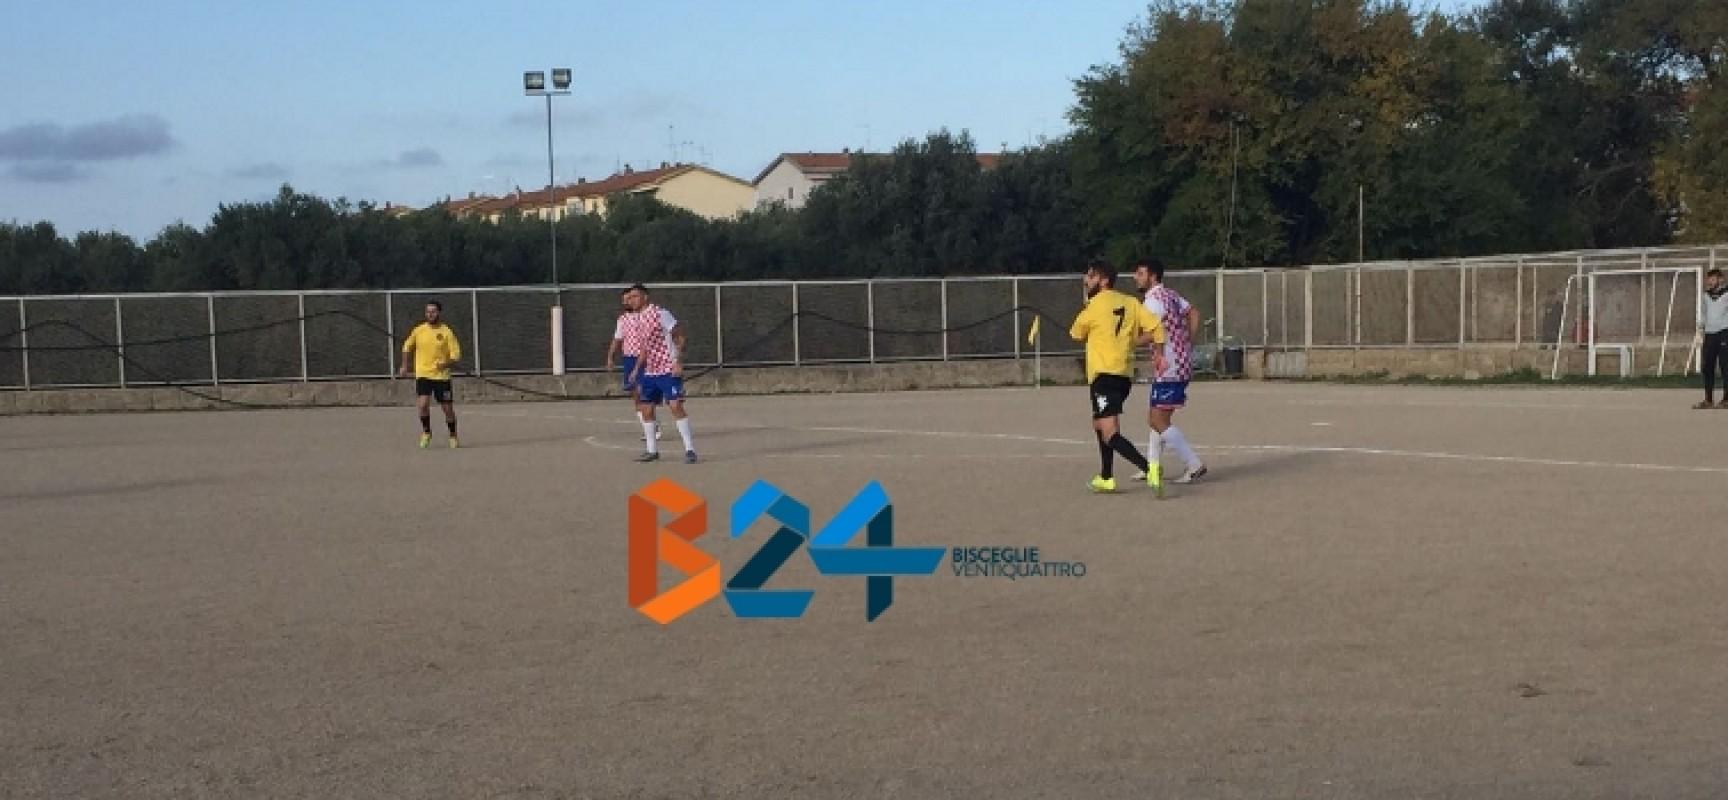 Bellavitainpuglia, pareggio ricco di gol in casa dell'Atletico Foggia